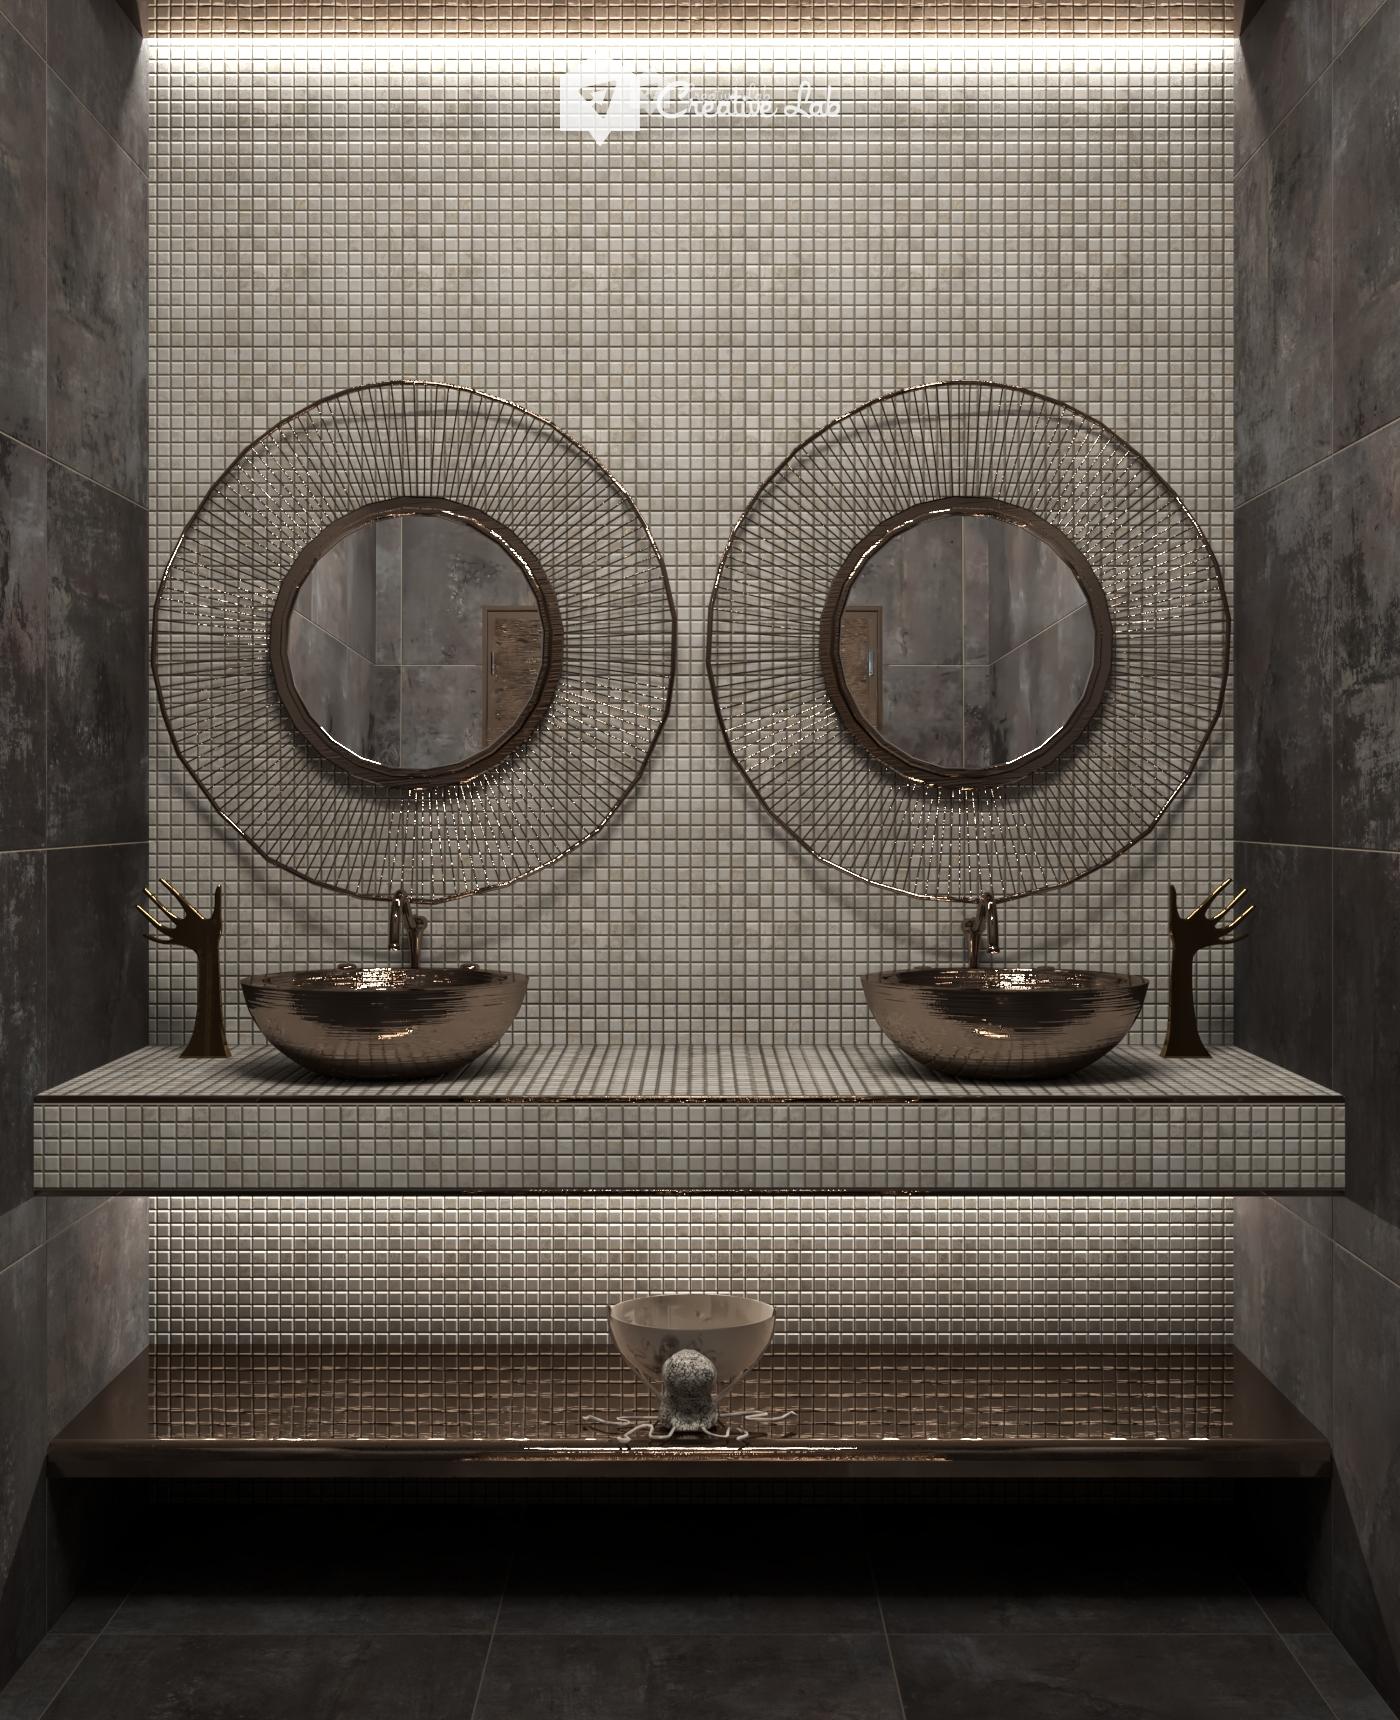 Wada Wash Room Round Mirror Bathroom Bathroom Mirror Room Interior